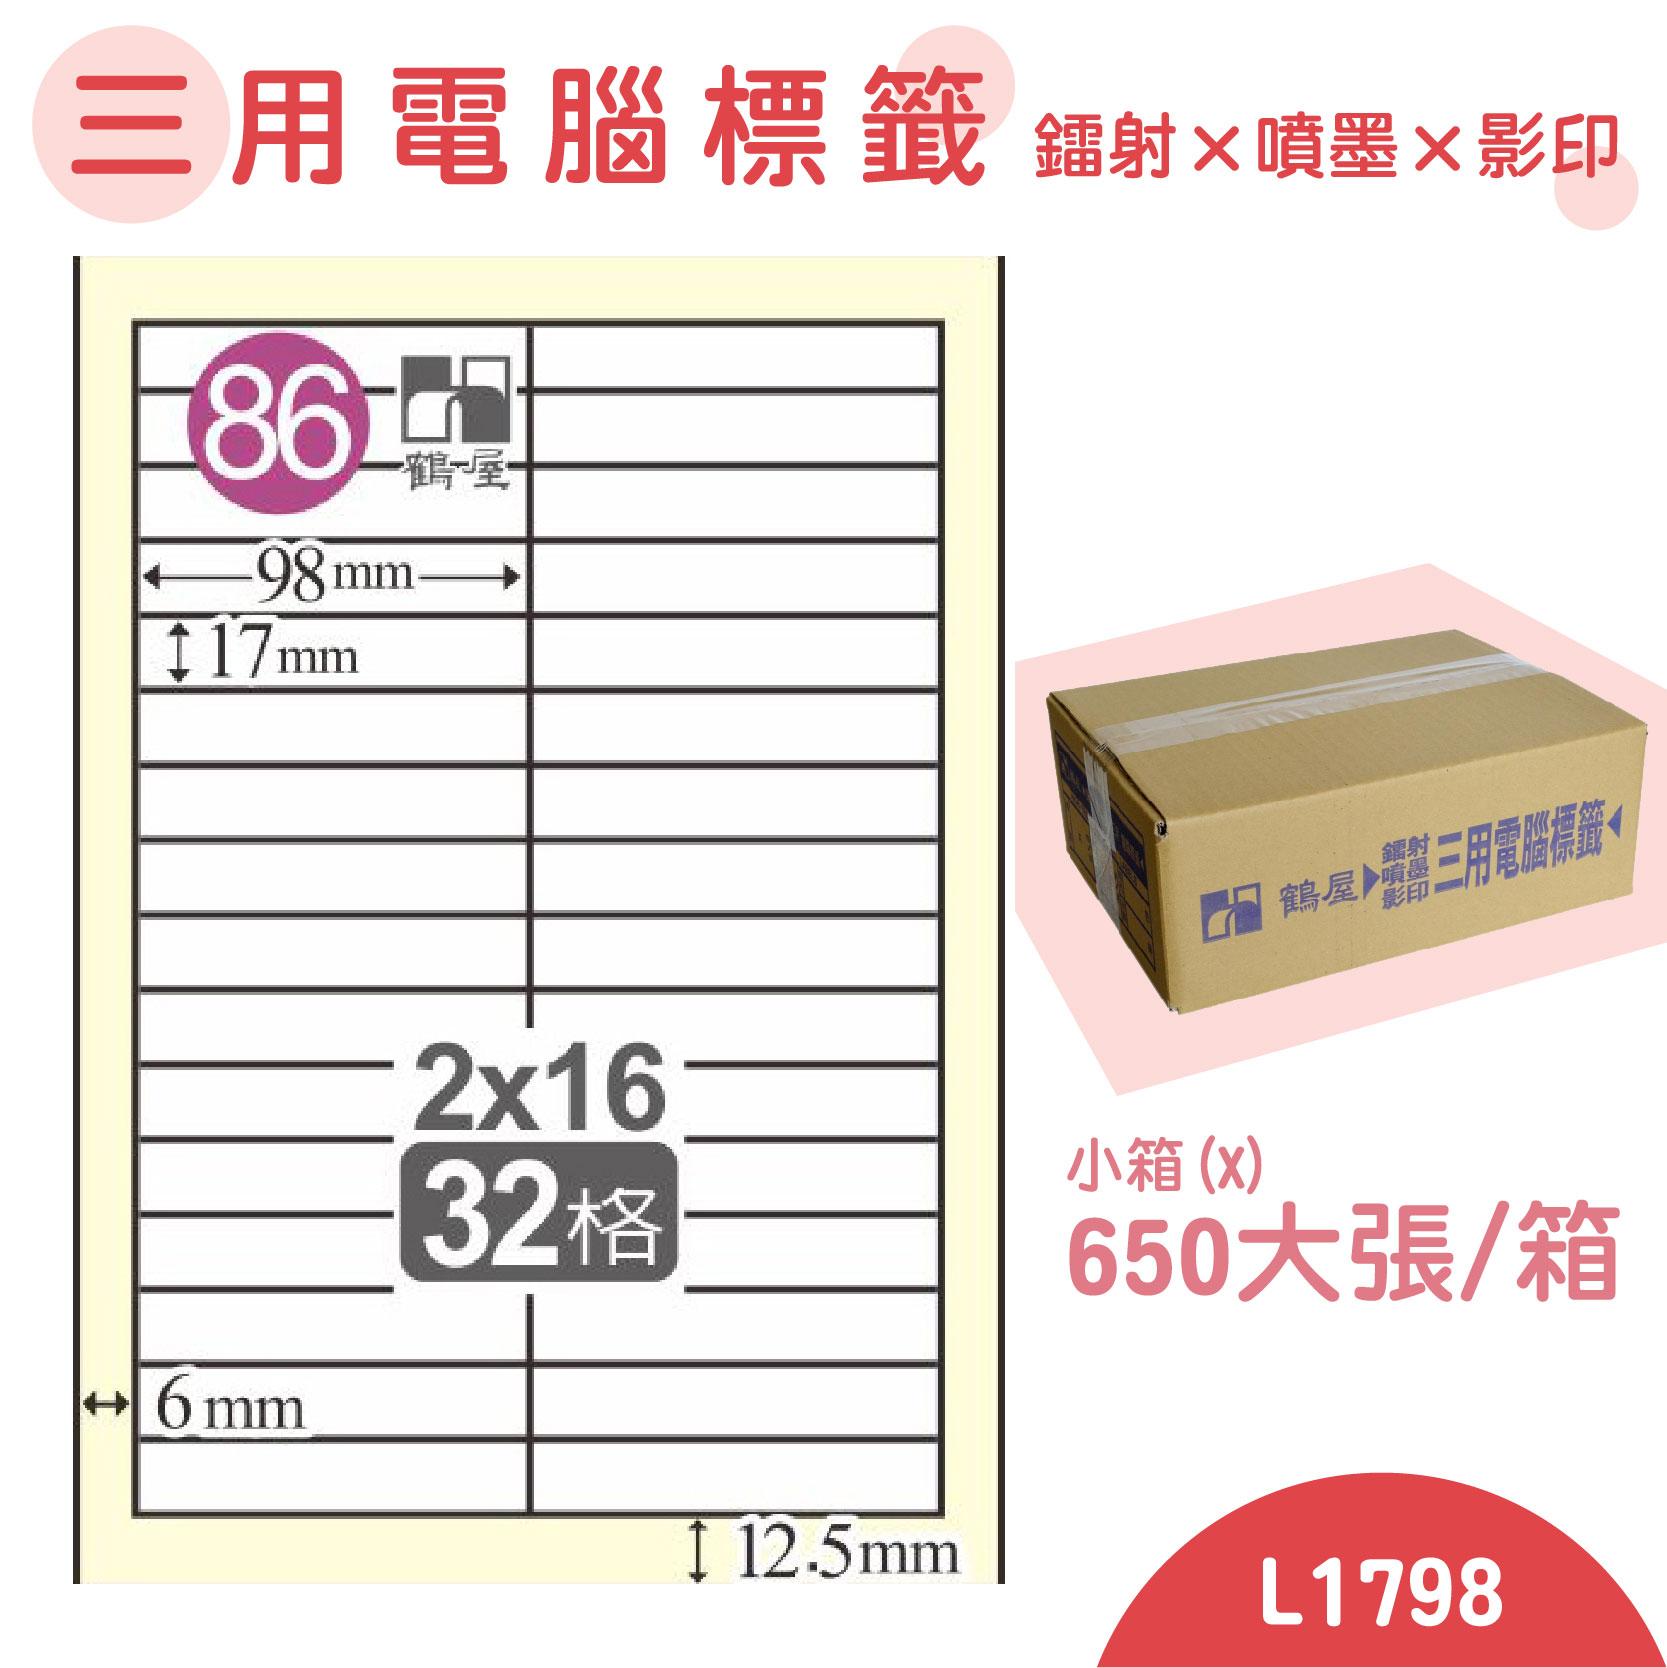 電腦標籤紙(鶴屋) 白色 L1798 32格 650大張/小箱 影印 雷射 噴墨 三用 標籤 貼紙 信封 光碟 名條